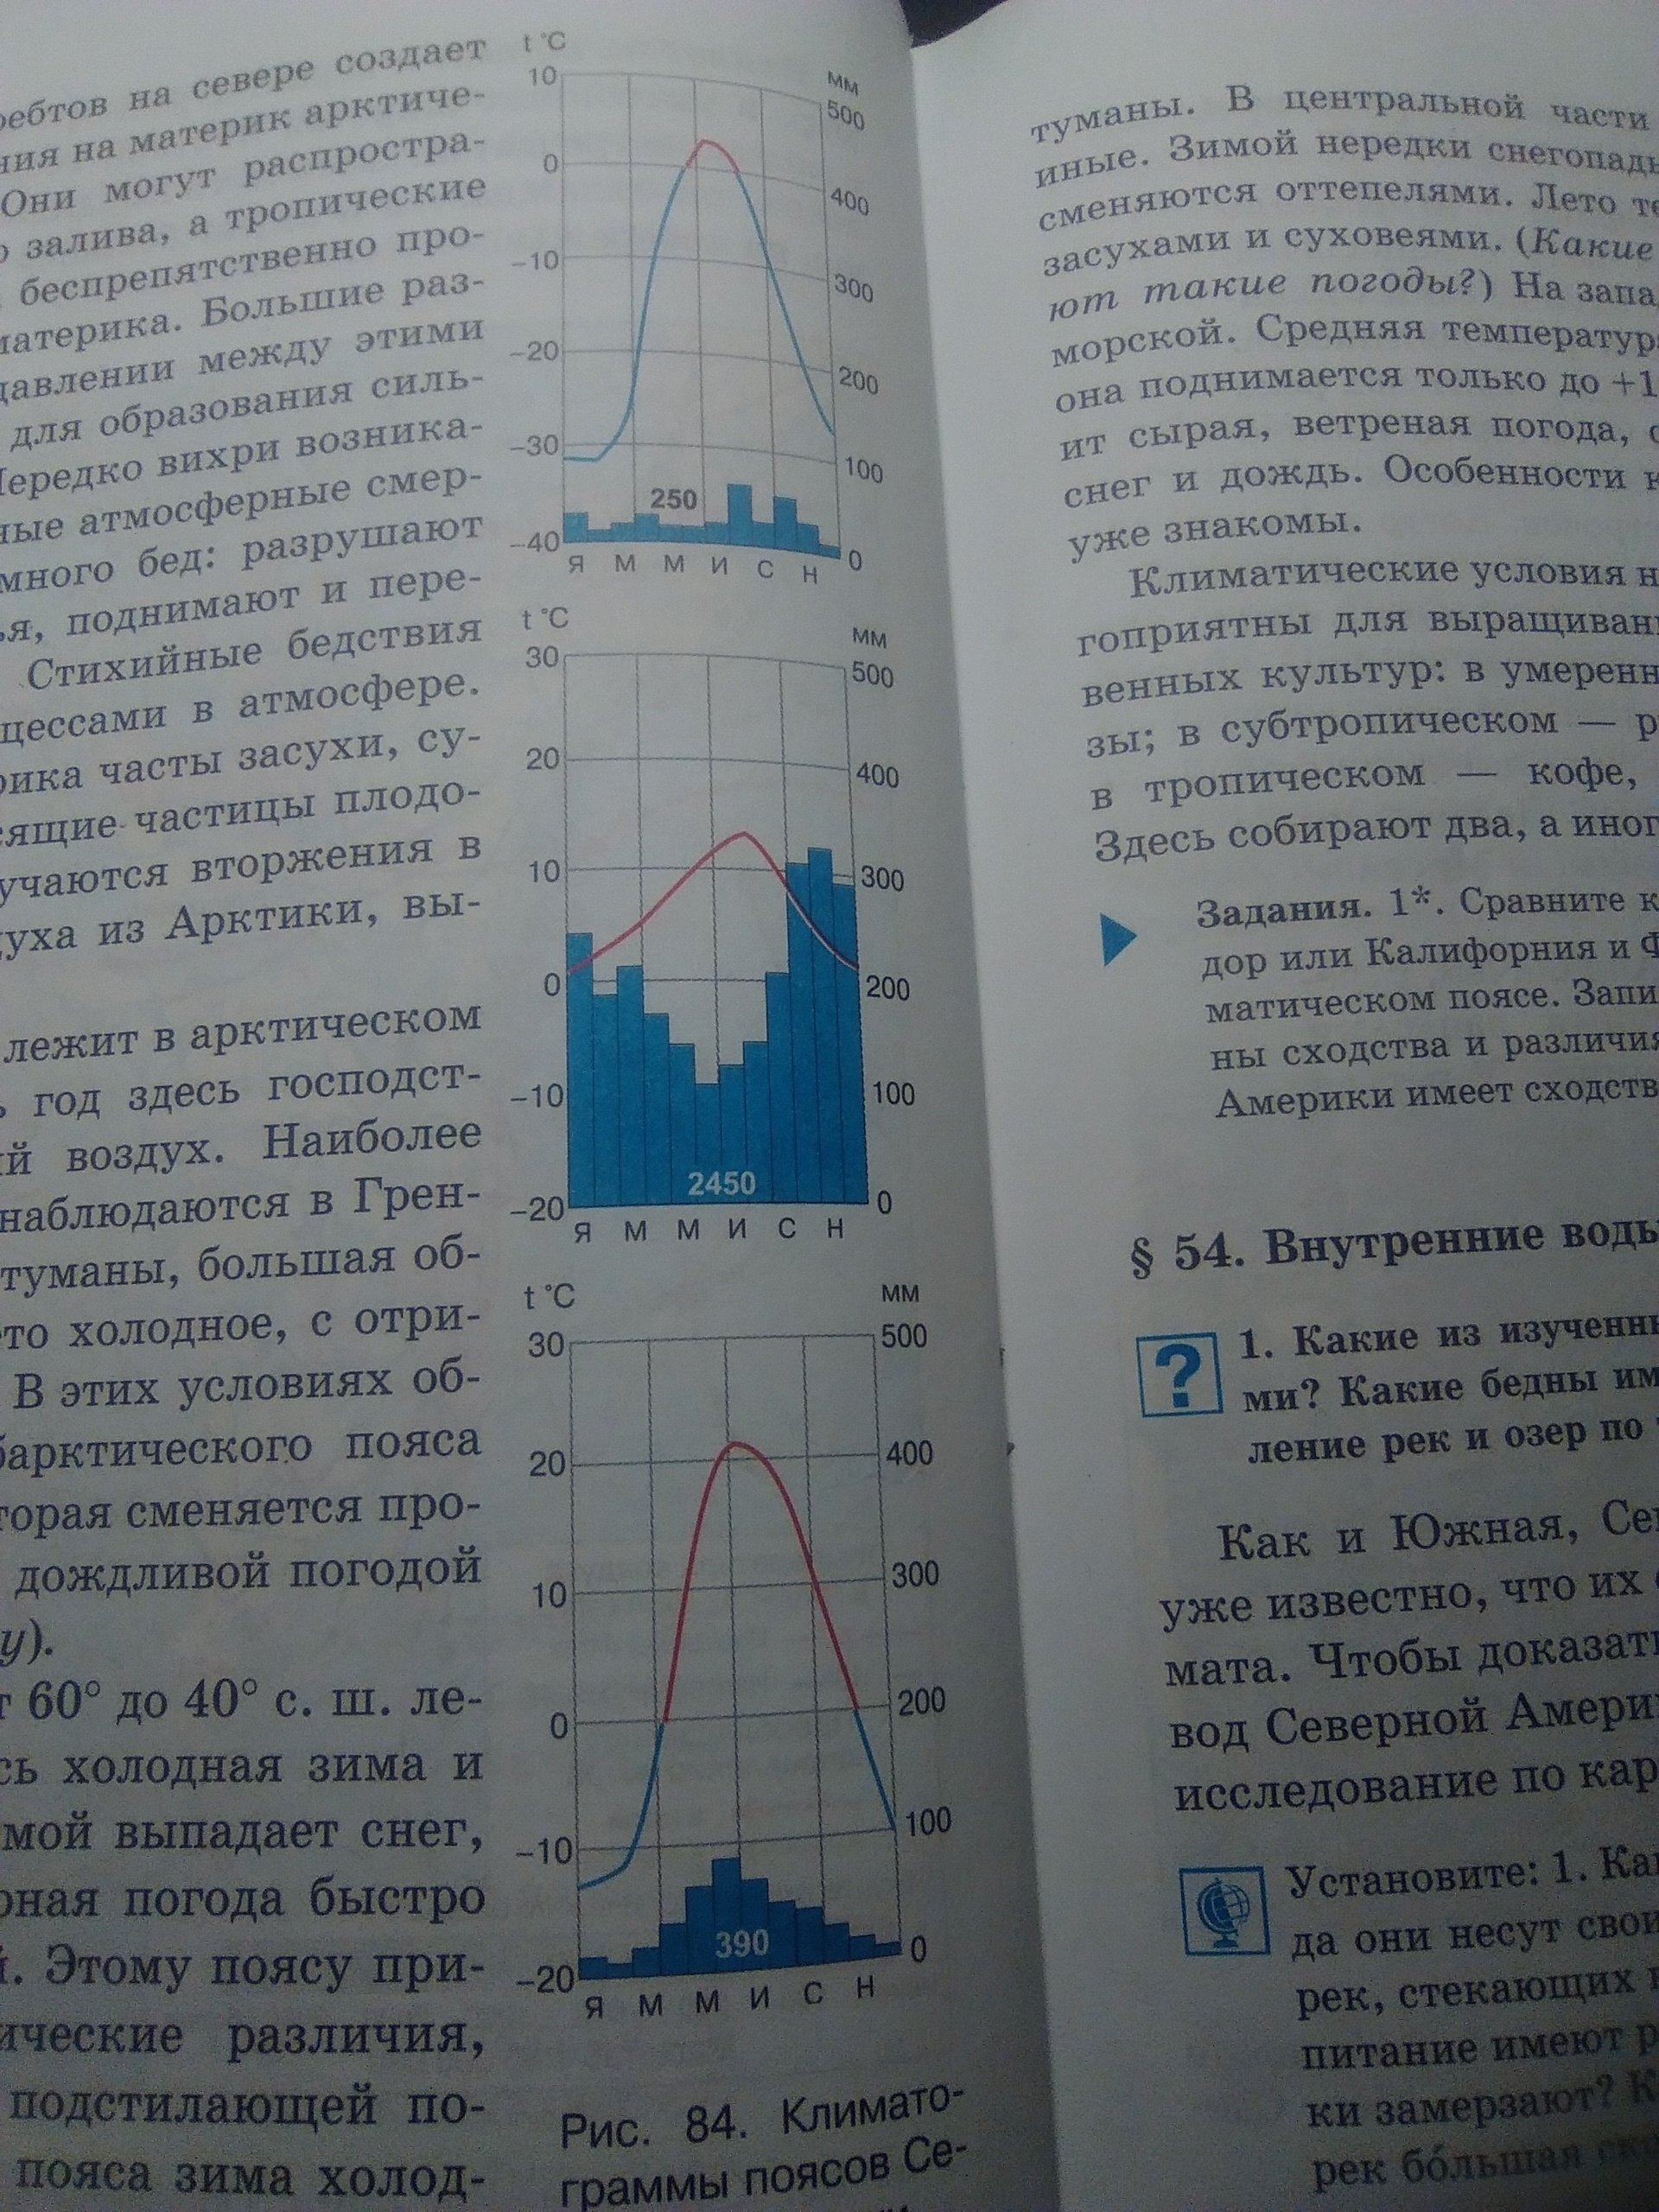 Гдз по географии 7 класс работа с климатическими диаграммами